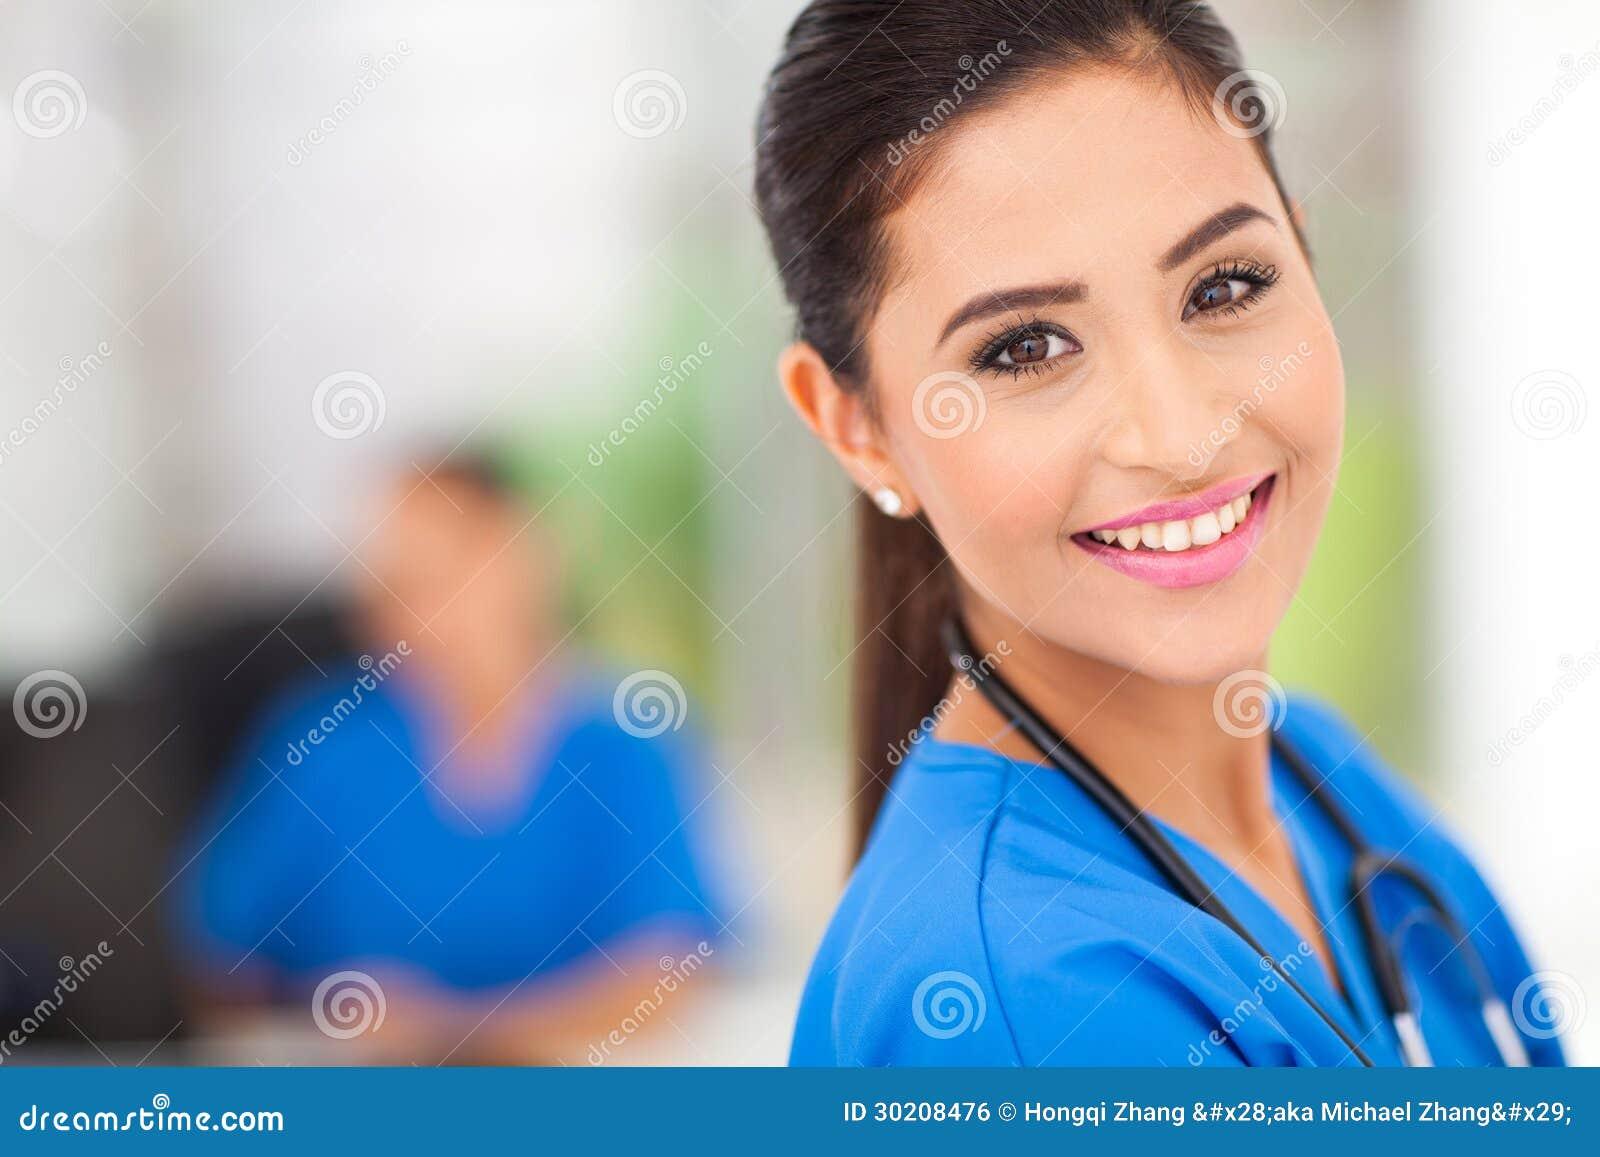 Medicinsk arbetarcloseup